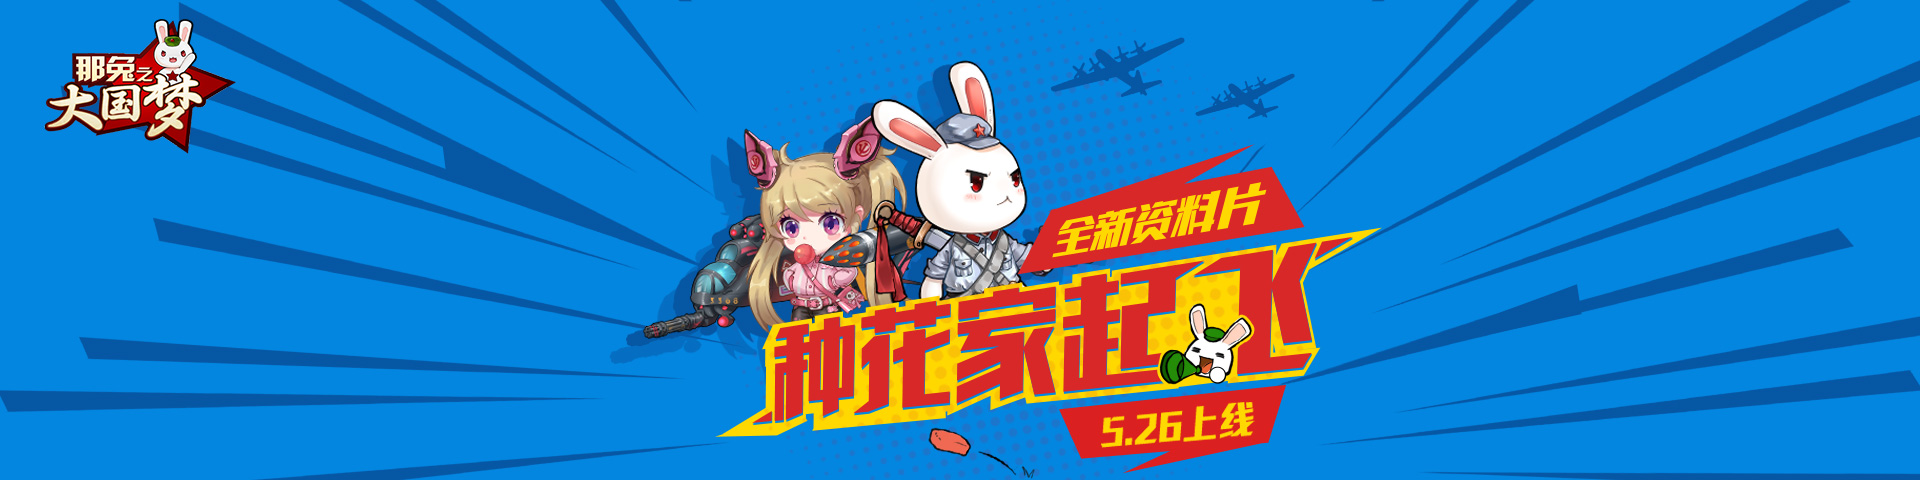 《那兔之大国梦》全新资料片今日上线